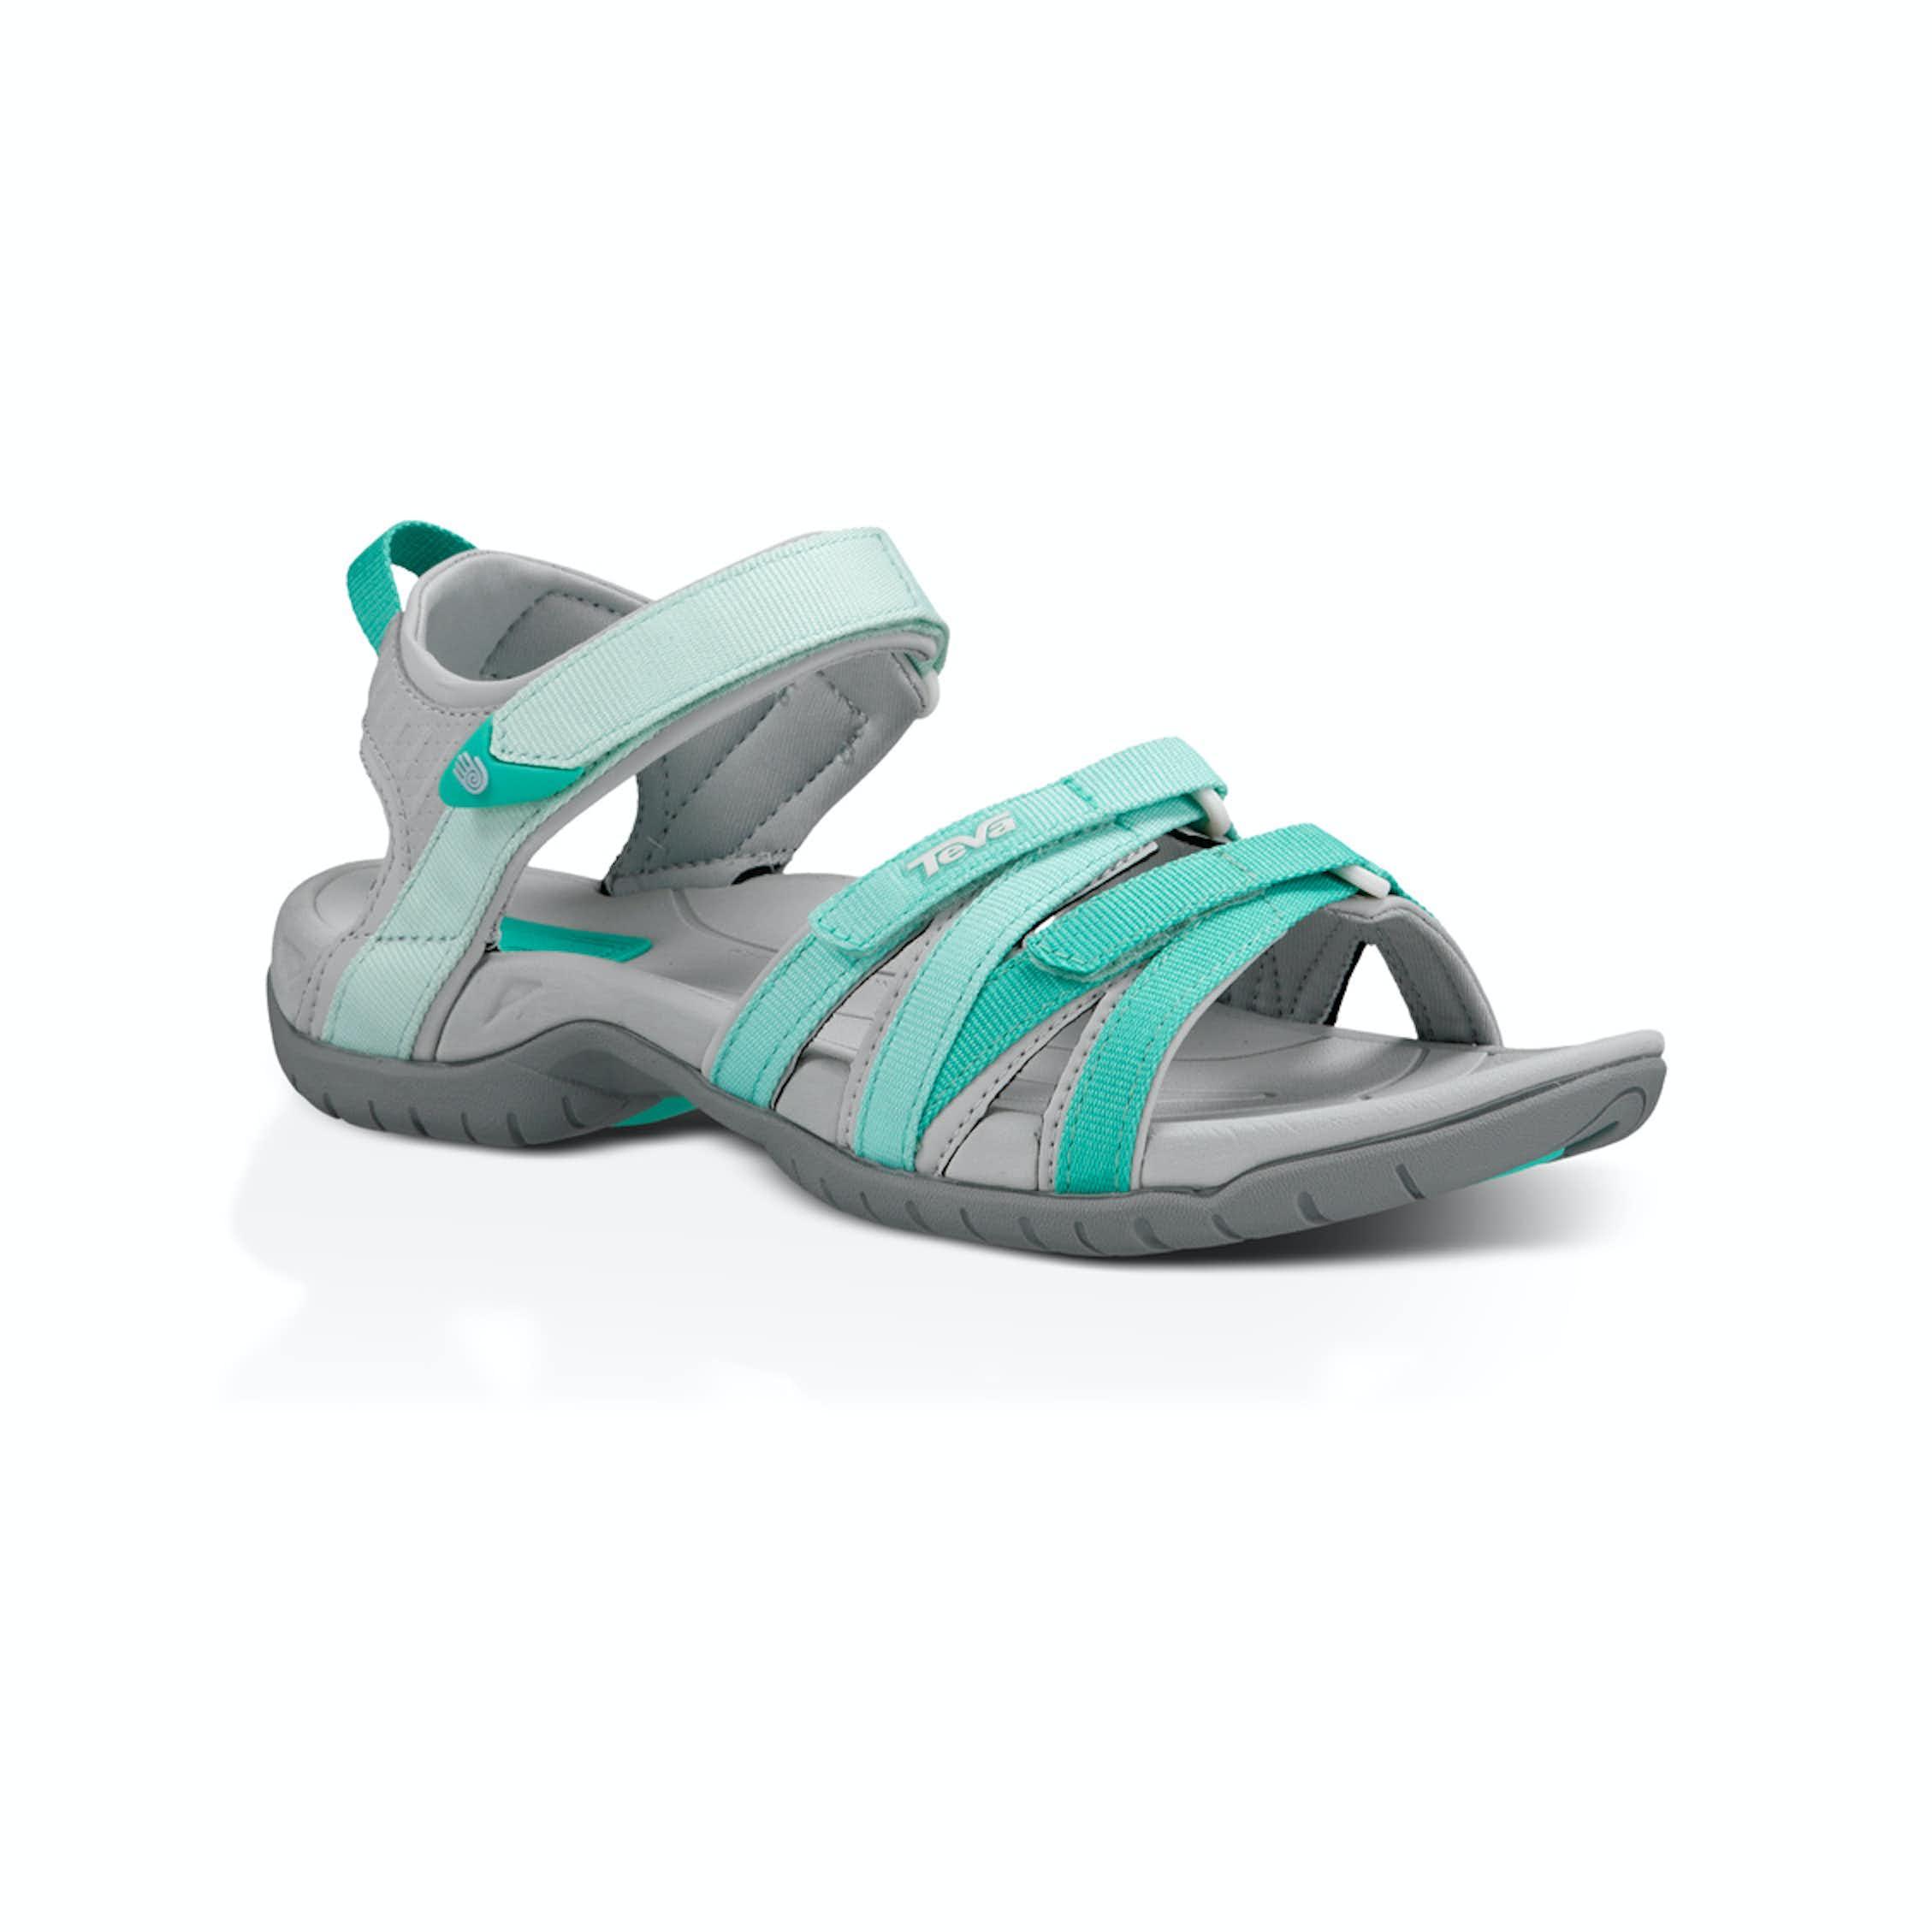 2642f7e5138 Teva Tirra Women s Sandals ...